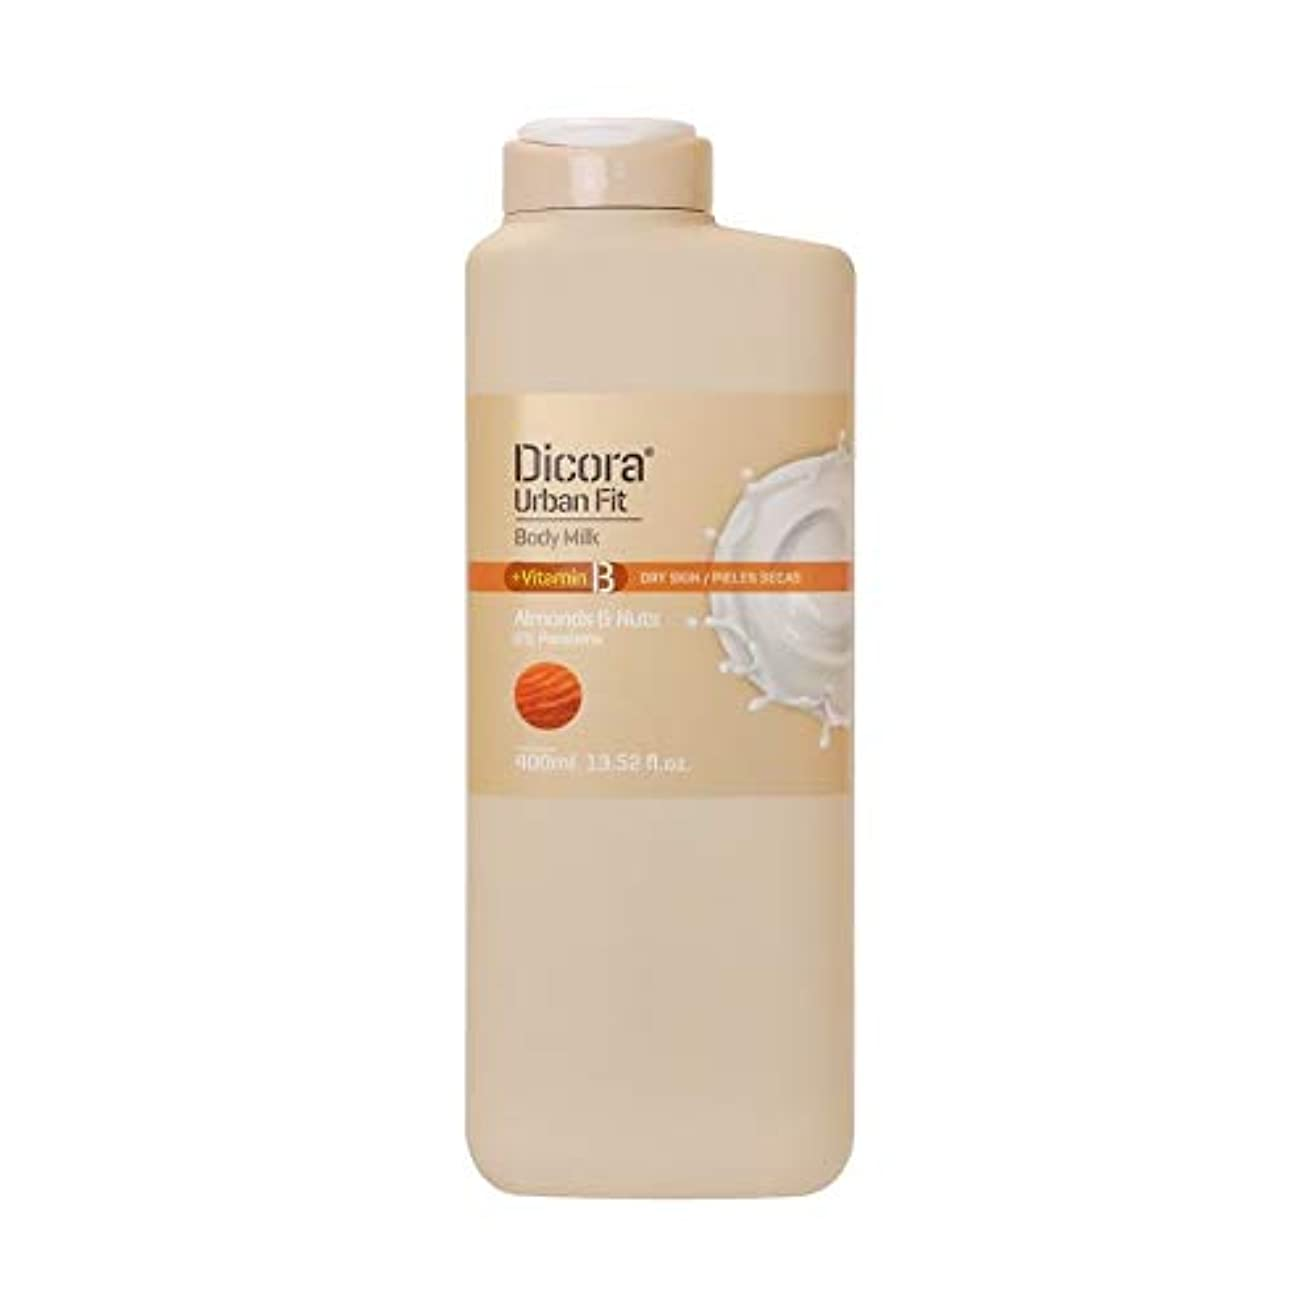 ブレイズお願いします専門用語Dicora(ディコラ) ディコラ アーバンフィット シャワージェル MK&ML 400ml ボディクリーム アーモンド & ナッツの香り